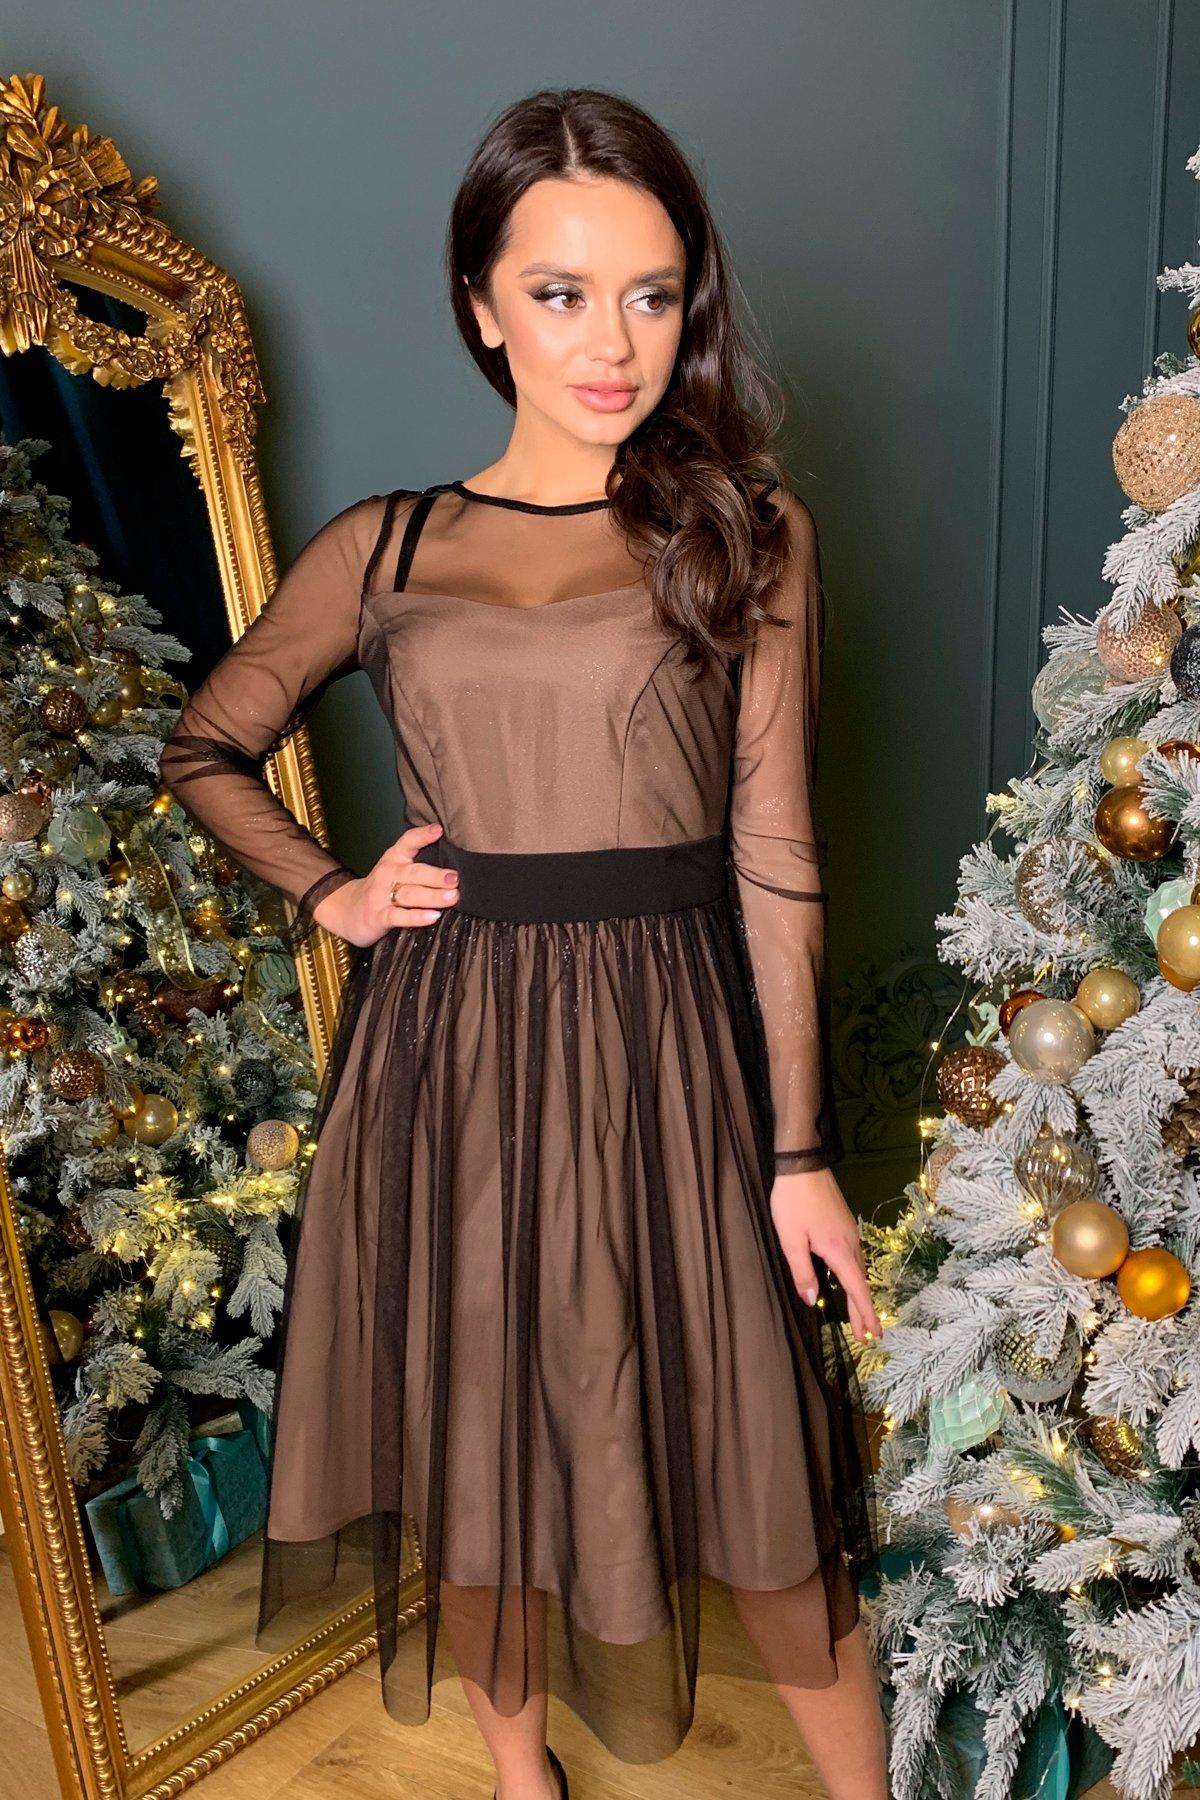 Платье миди длины с юбкой солнце-клеш Роял 8681 АРТ. 45005 Цвет: Черный/серебро - фото 6, интернет магазин tm-modus.ru